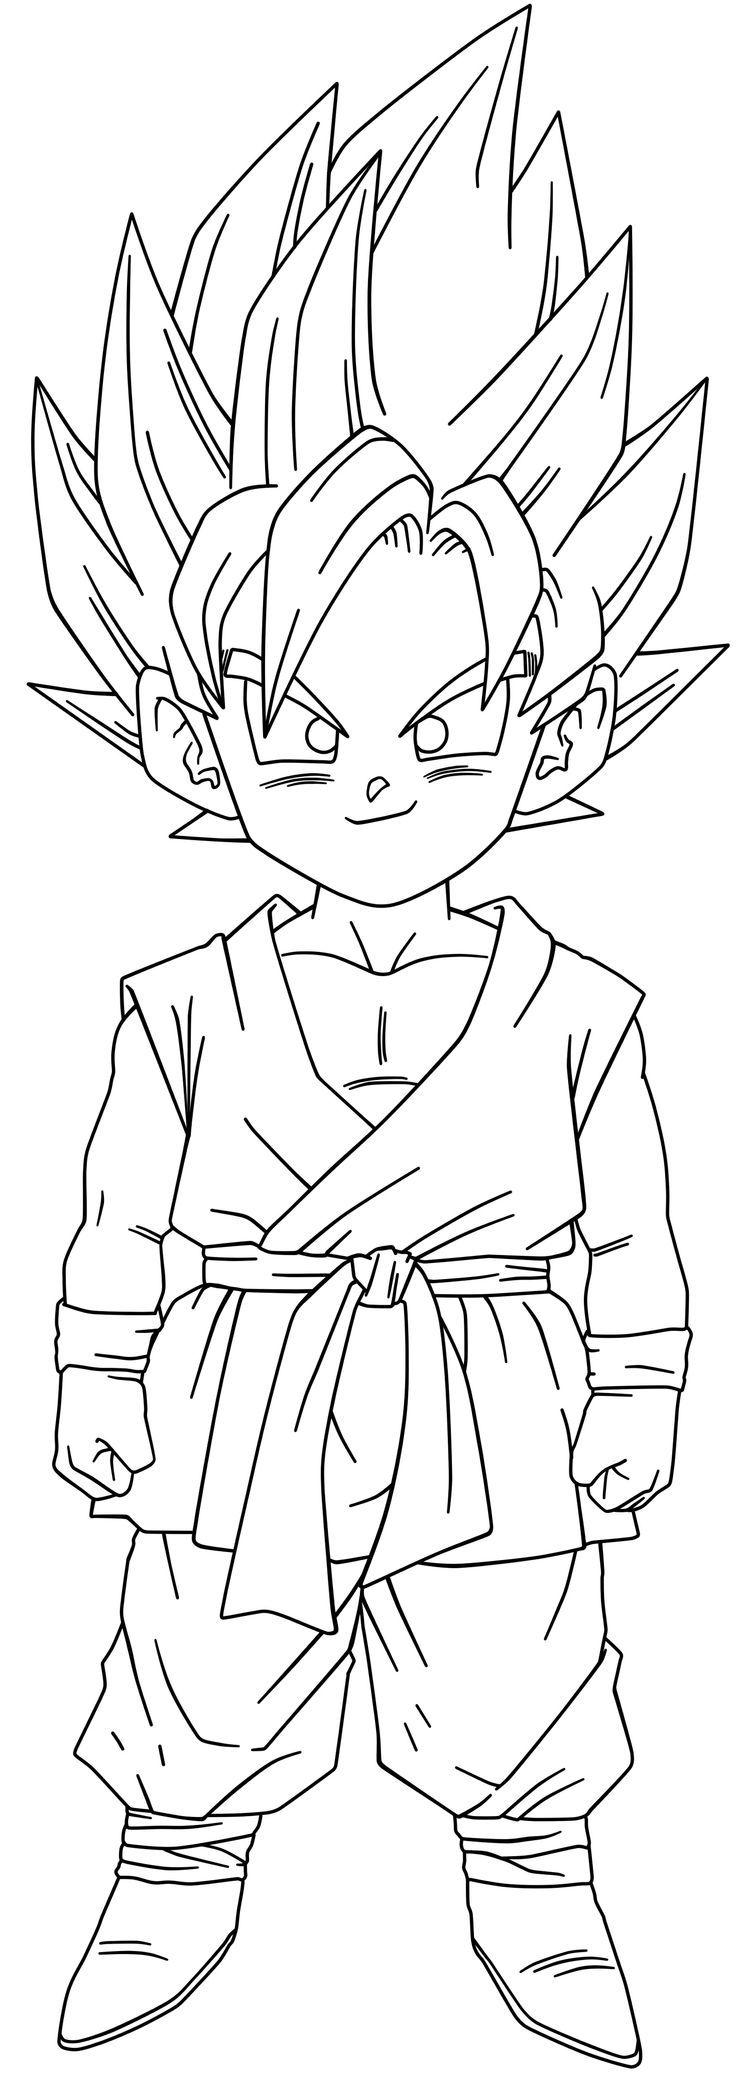 génial  Mot-Clé Goku Ssj2 Coloring Pages